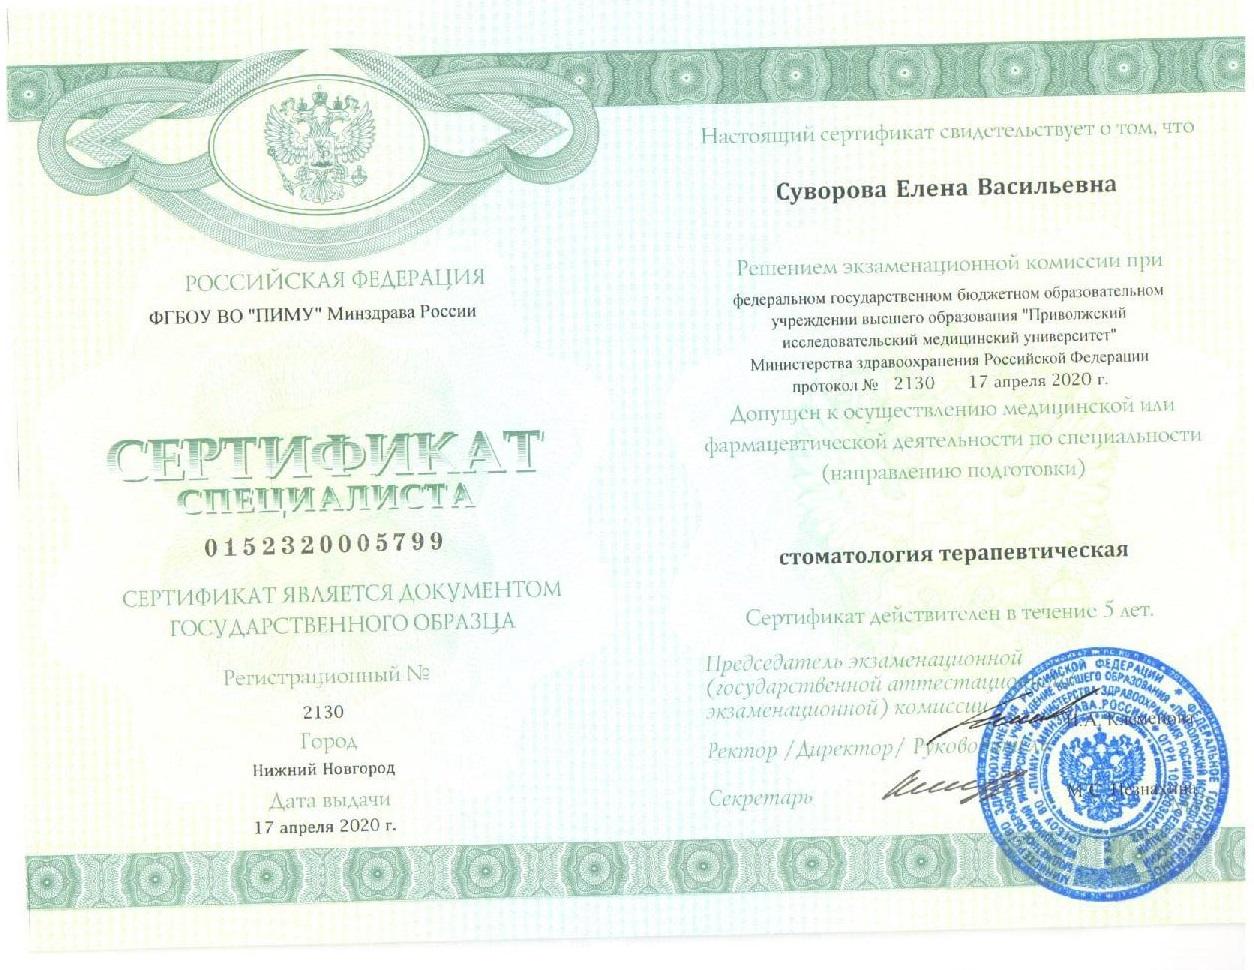 Суворова-Е.В-документы-page-001